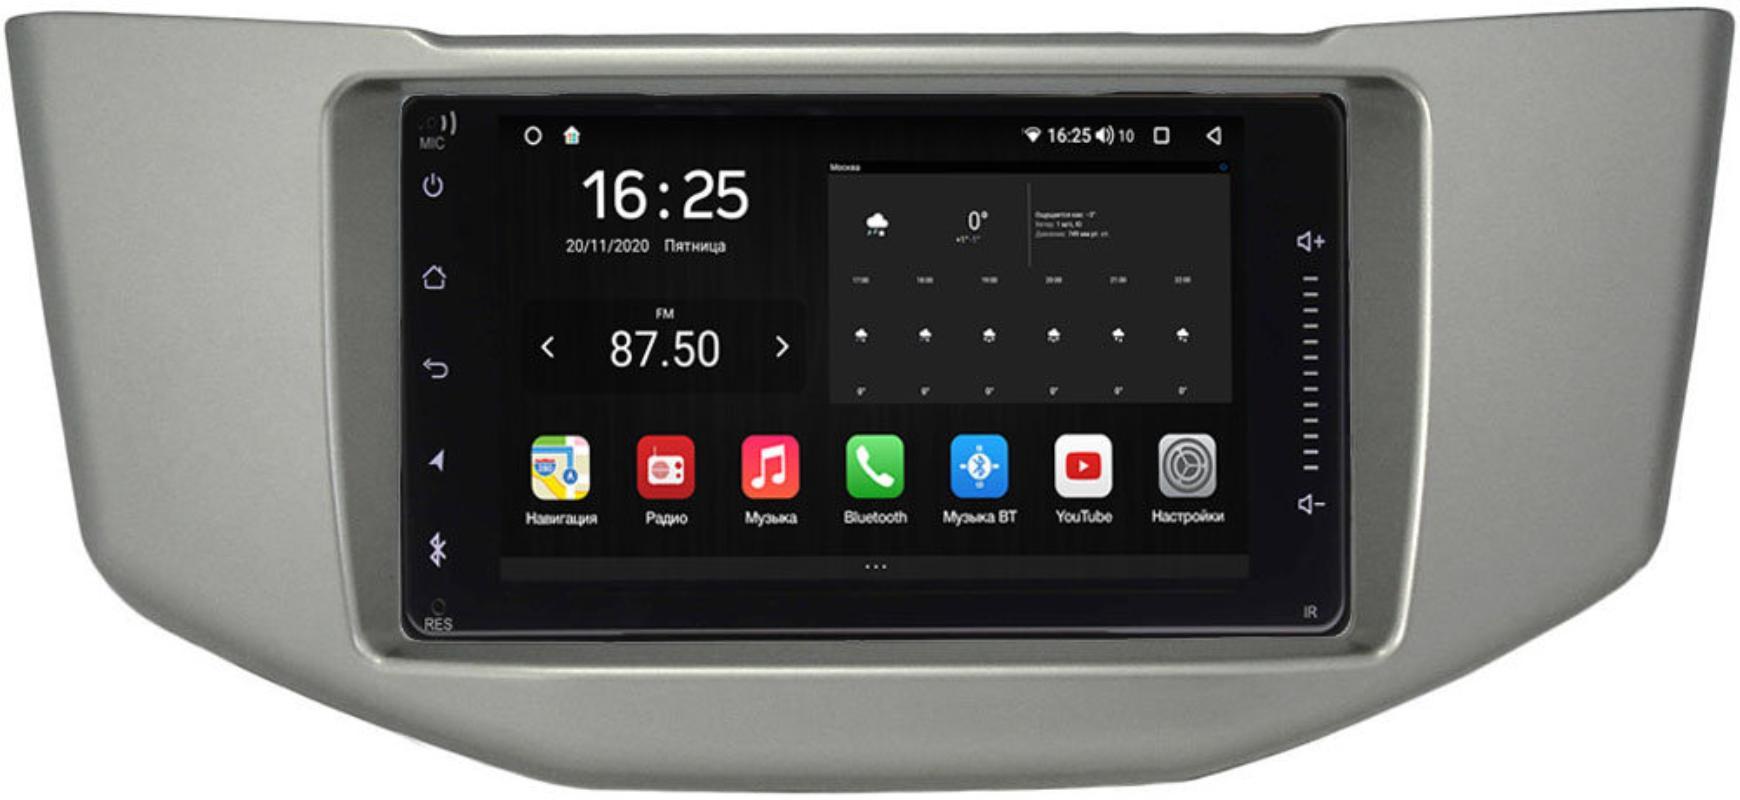 Штатная магнитола Lexus RX II 300, RX II 330, RX II 350, RX II 400h 2003-2009 Wide Media KS6901QR-3/32-RP-TYHR3XC-04 на Android 10 (DSP CarPlay 4G-SIM) (+ Камера заднего вида в подарок!)